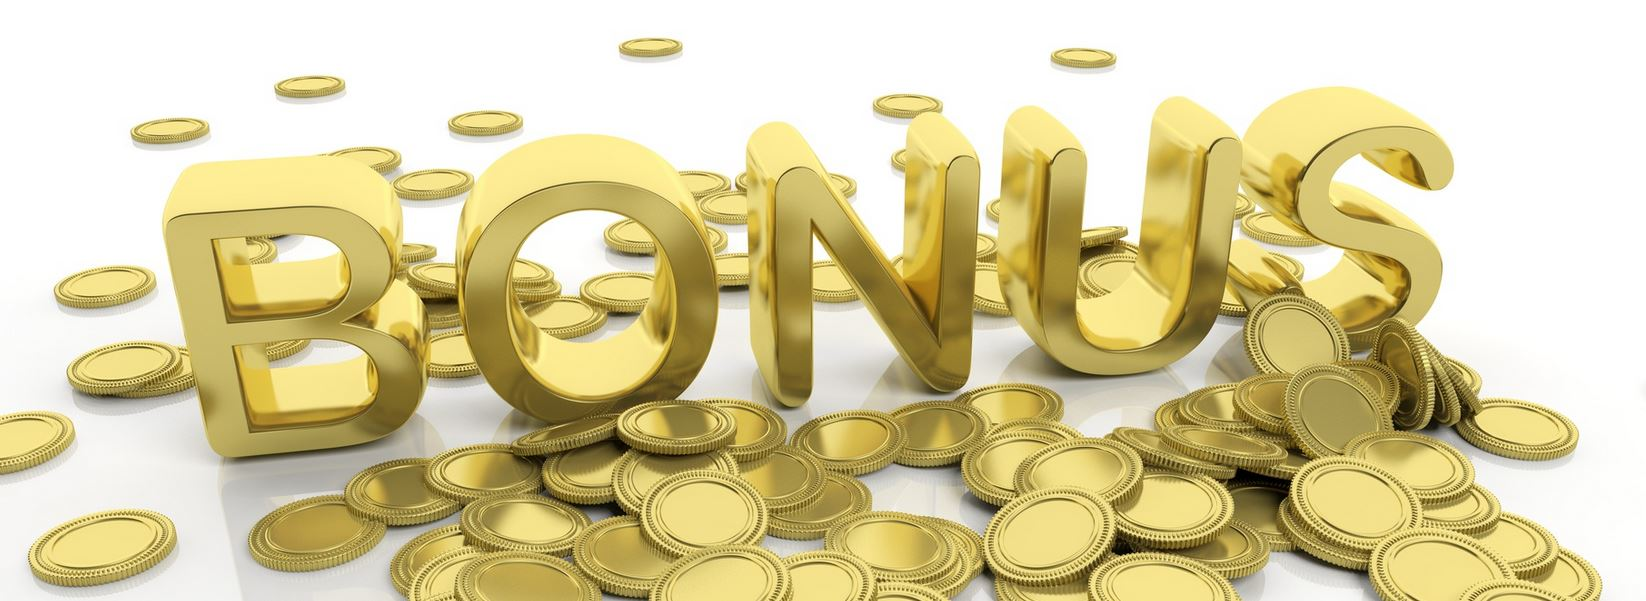 online casino ohne bonus jetz spielen